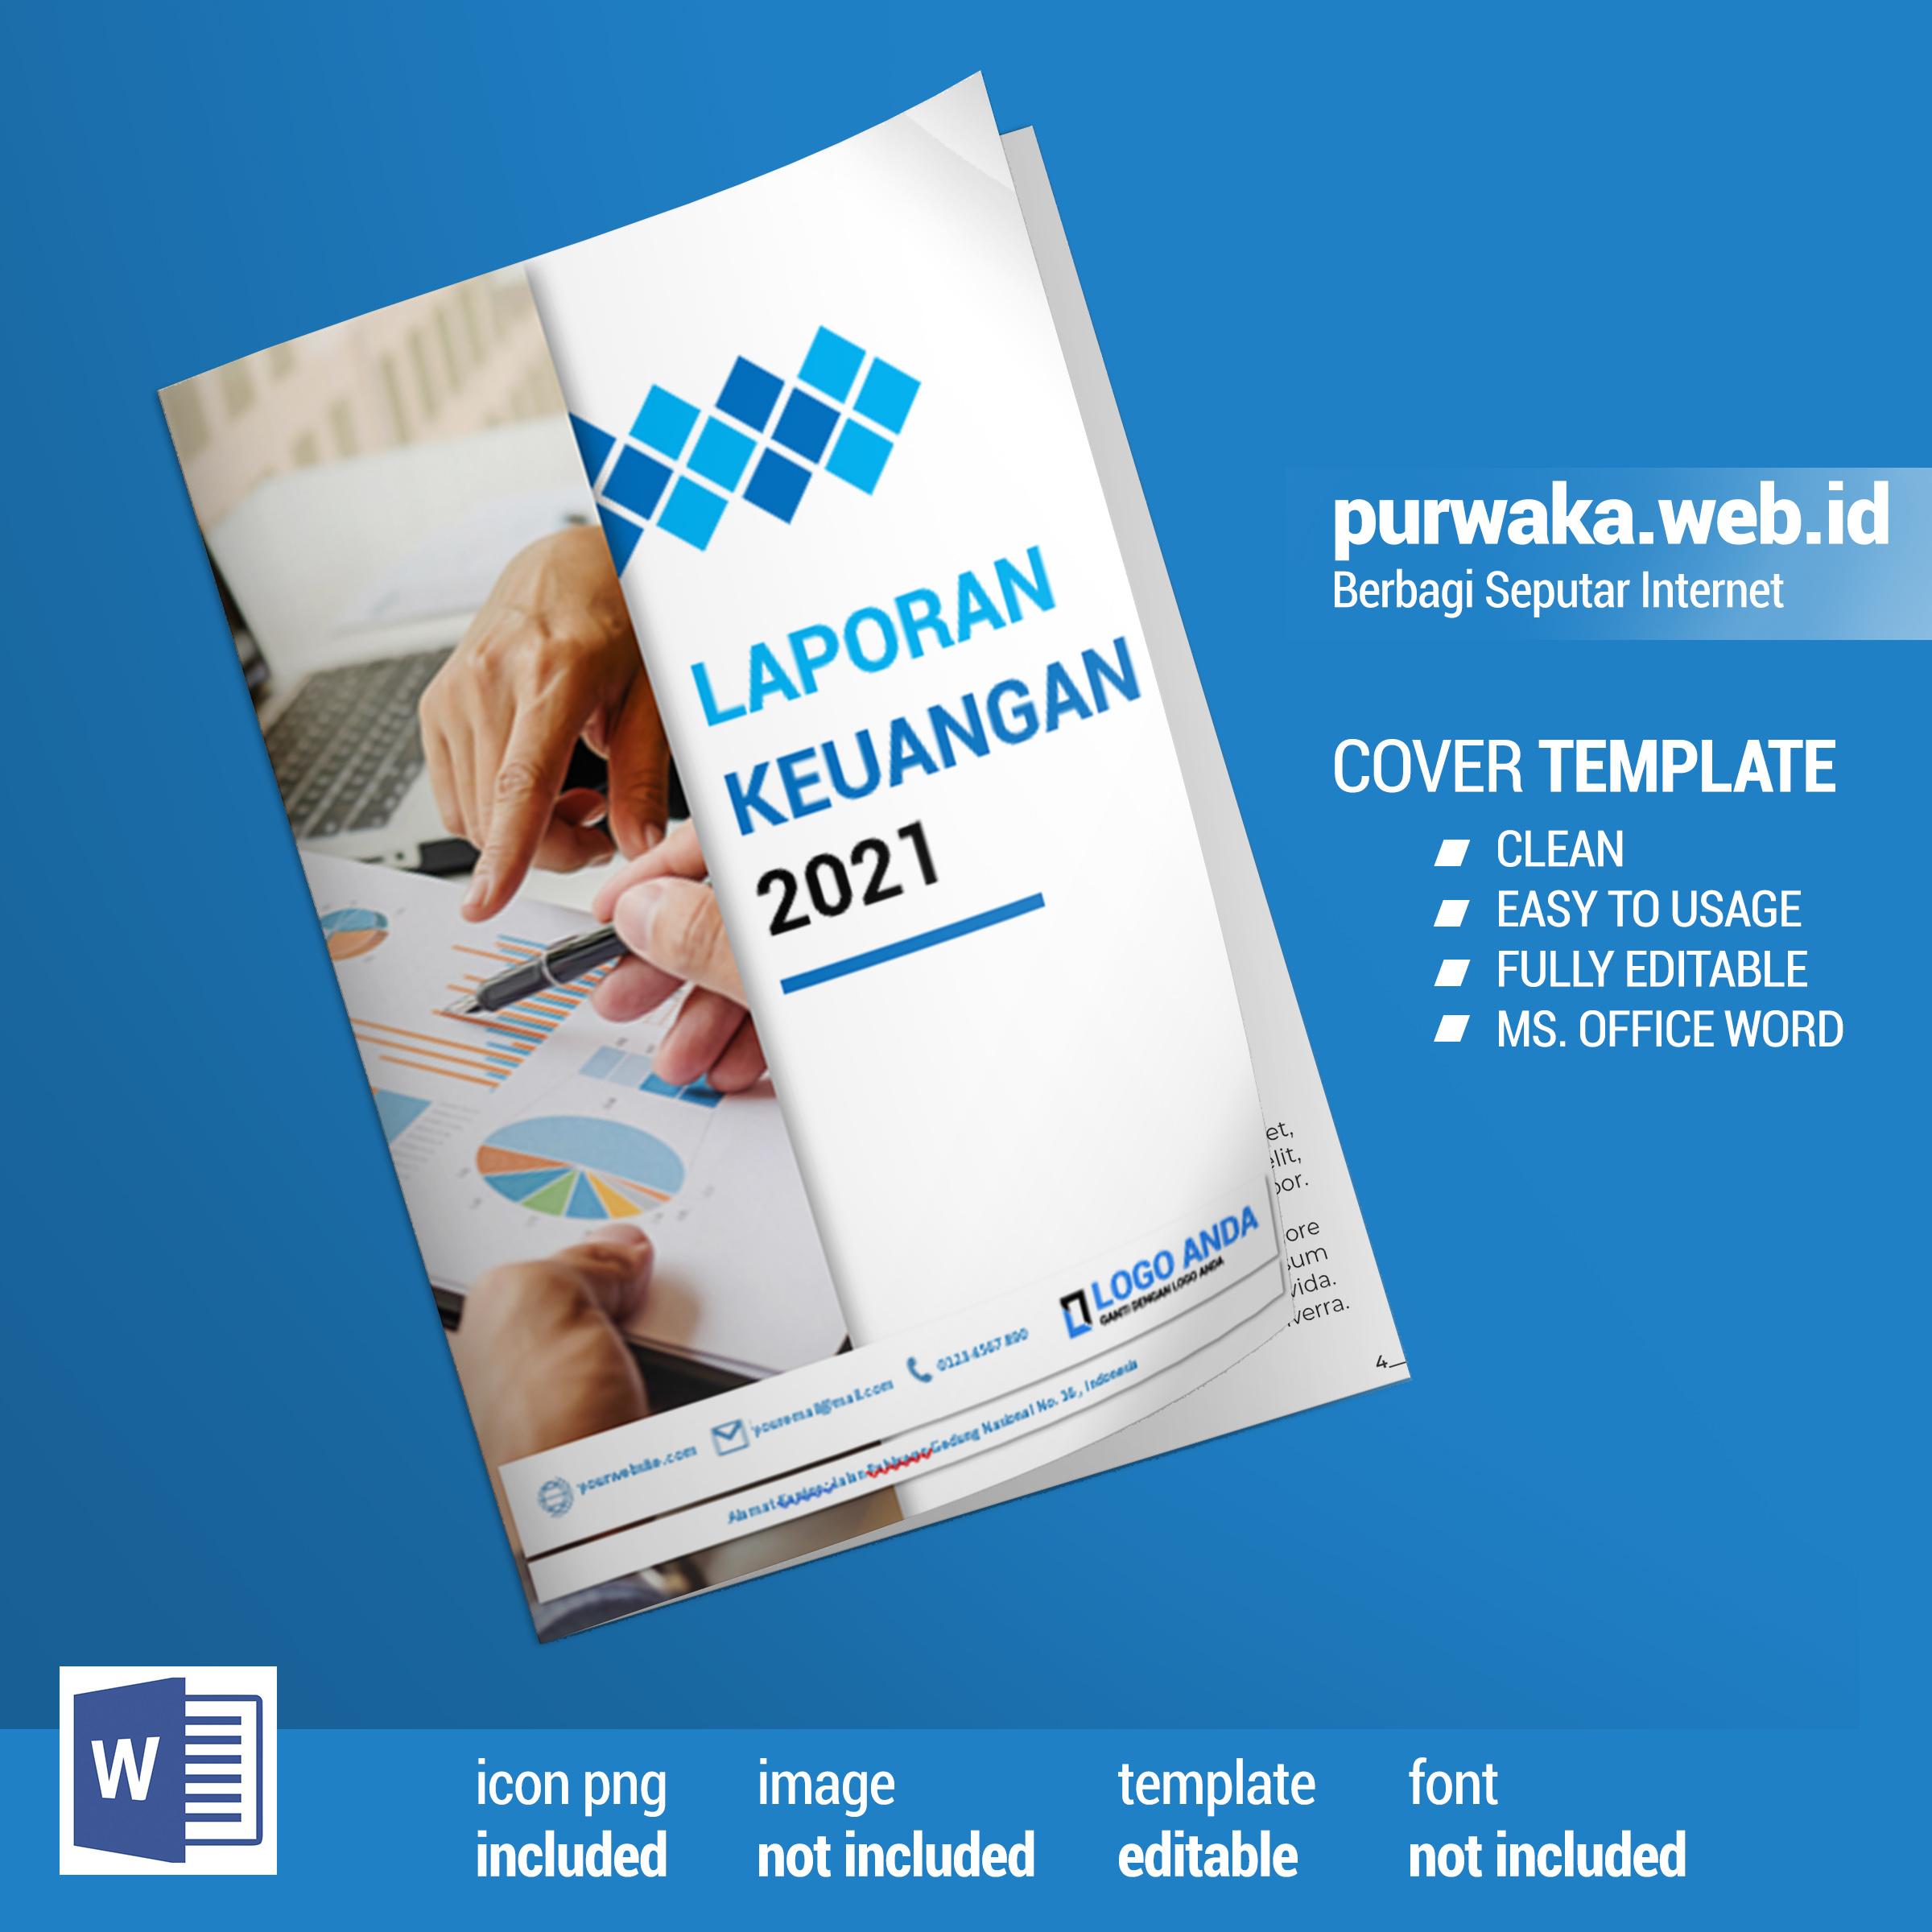 Download Template Cover Laporan Keungan Siap Edit 2021 - Ms Office Word